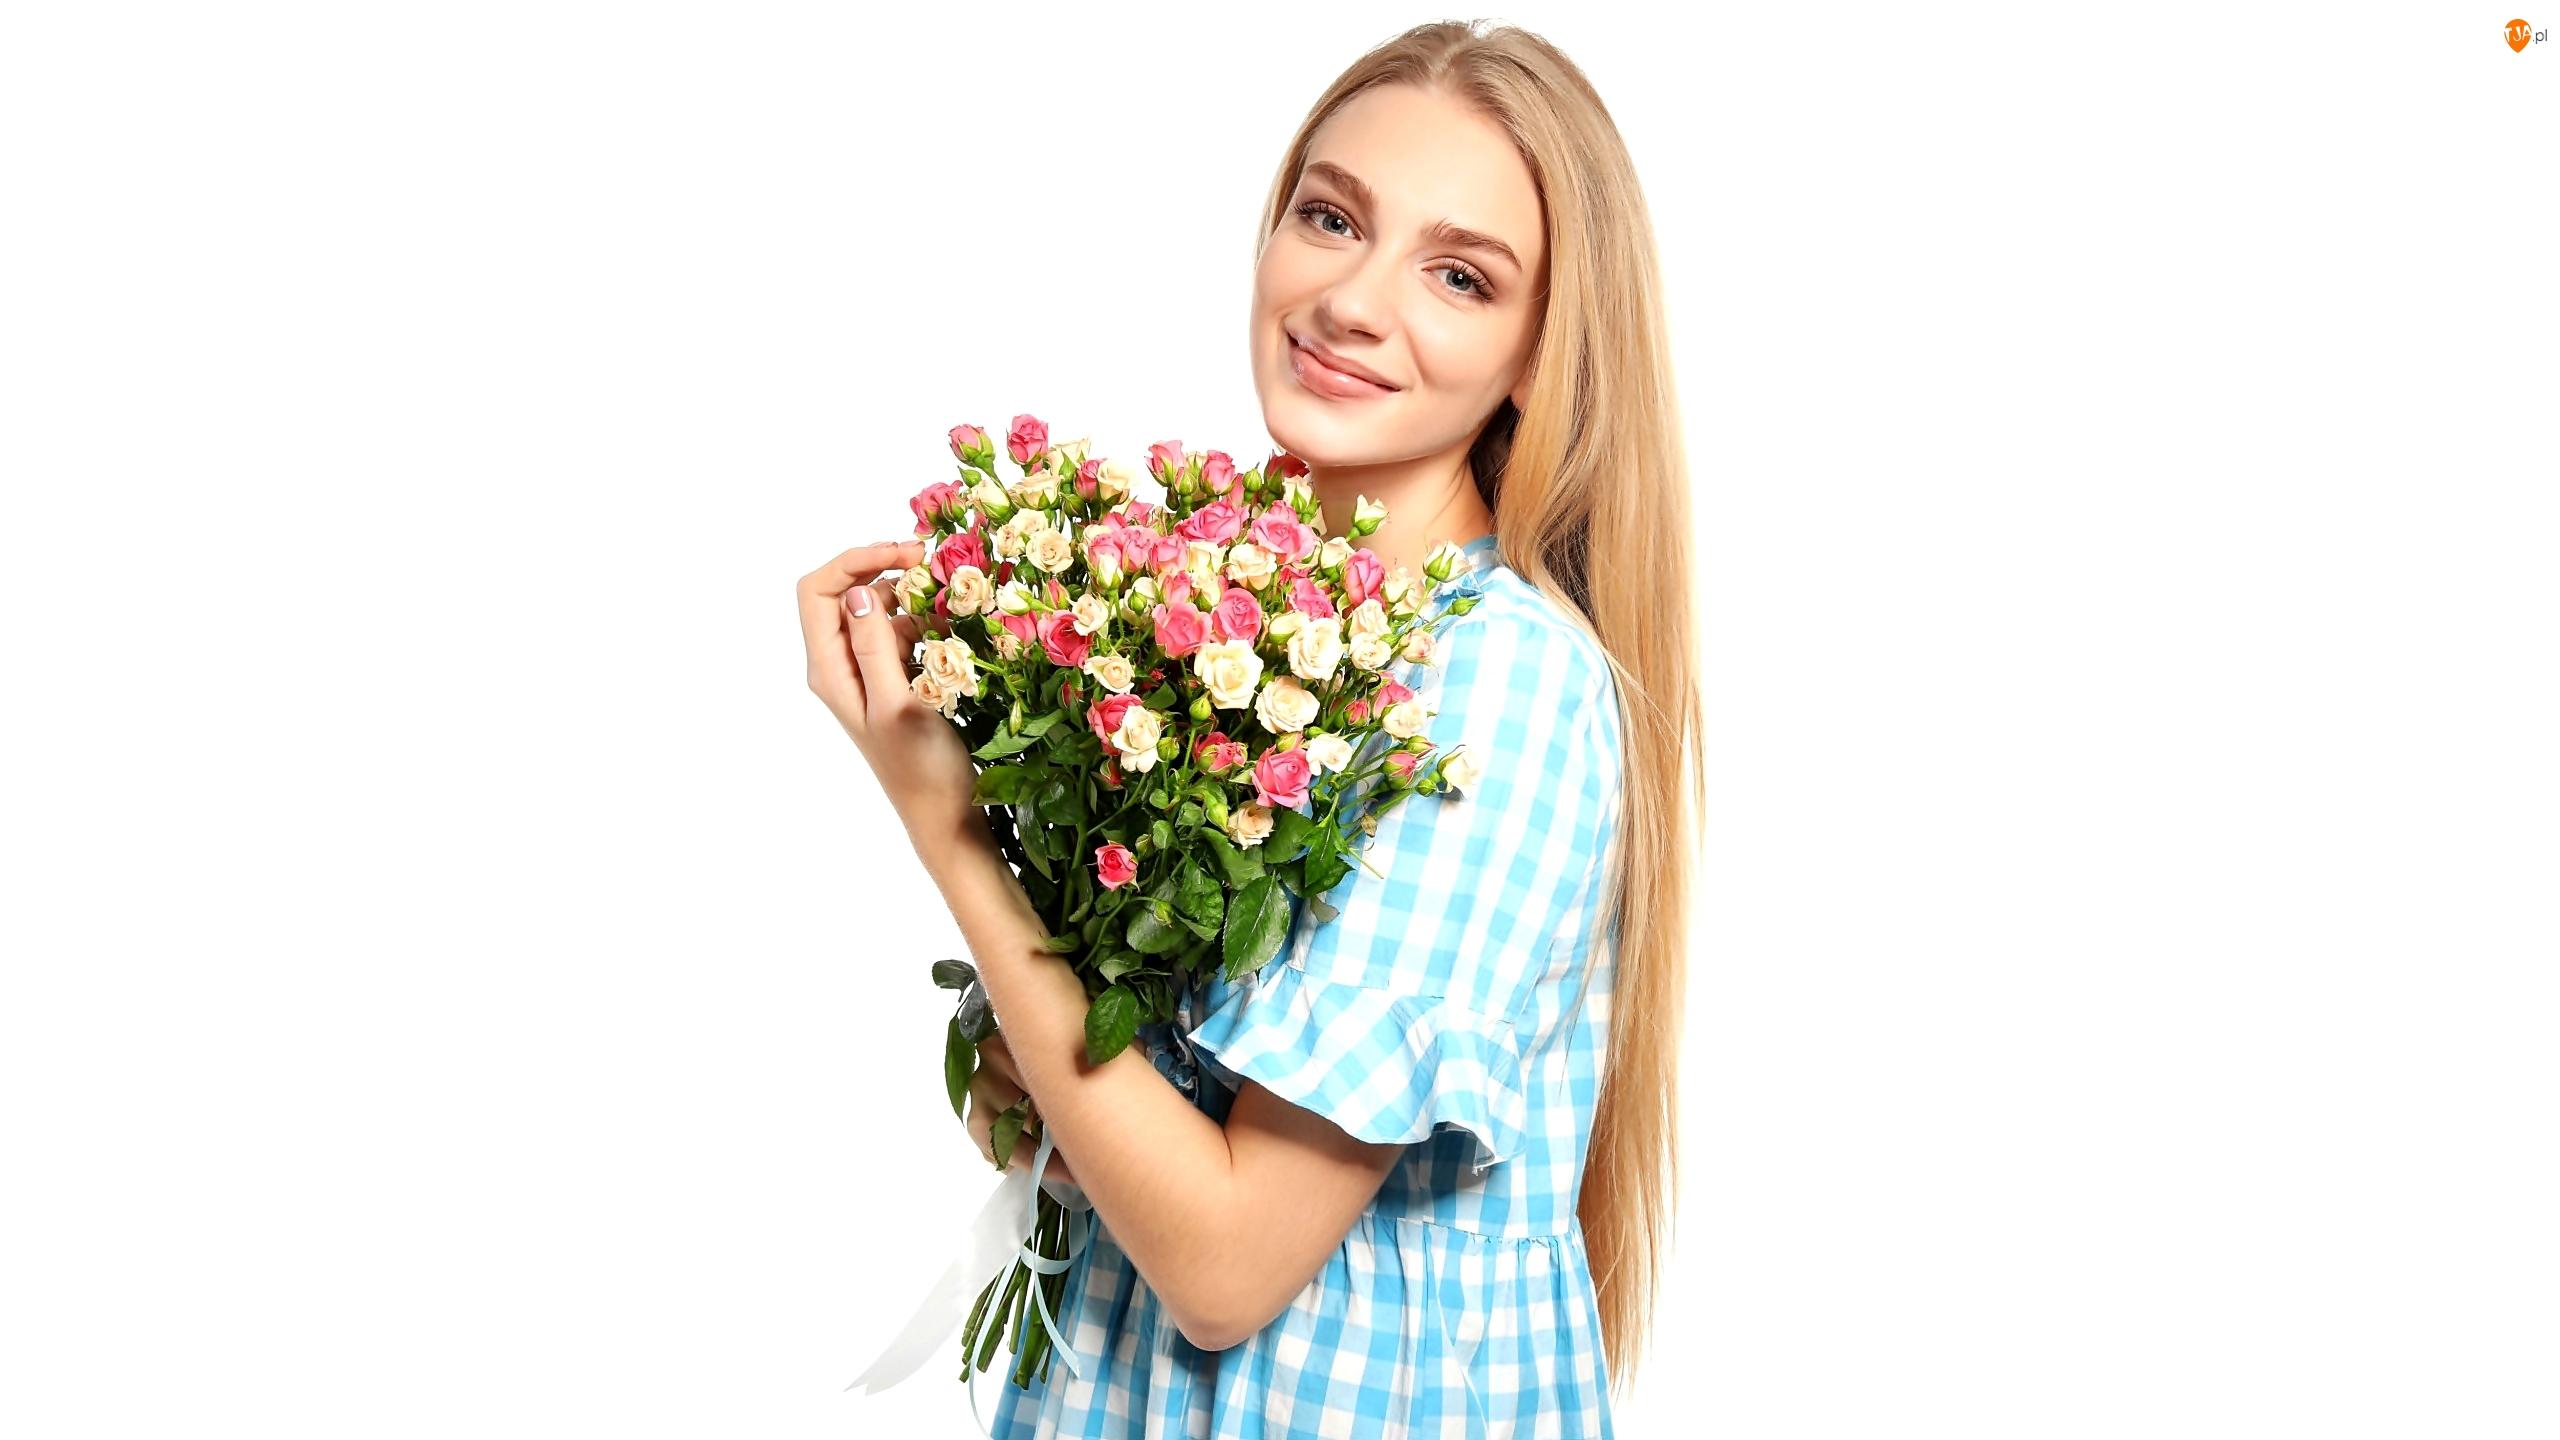 Blondynka, Długowłosa, Białe tło, Kobieta, Róże, Bukiet, Uśmiech